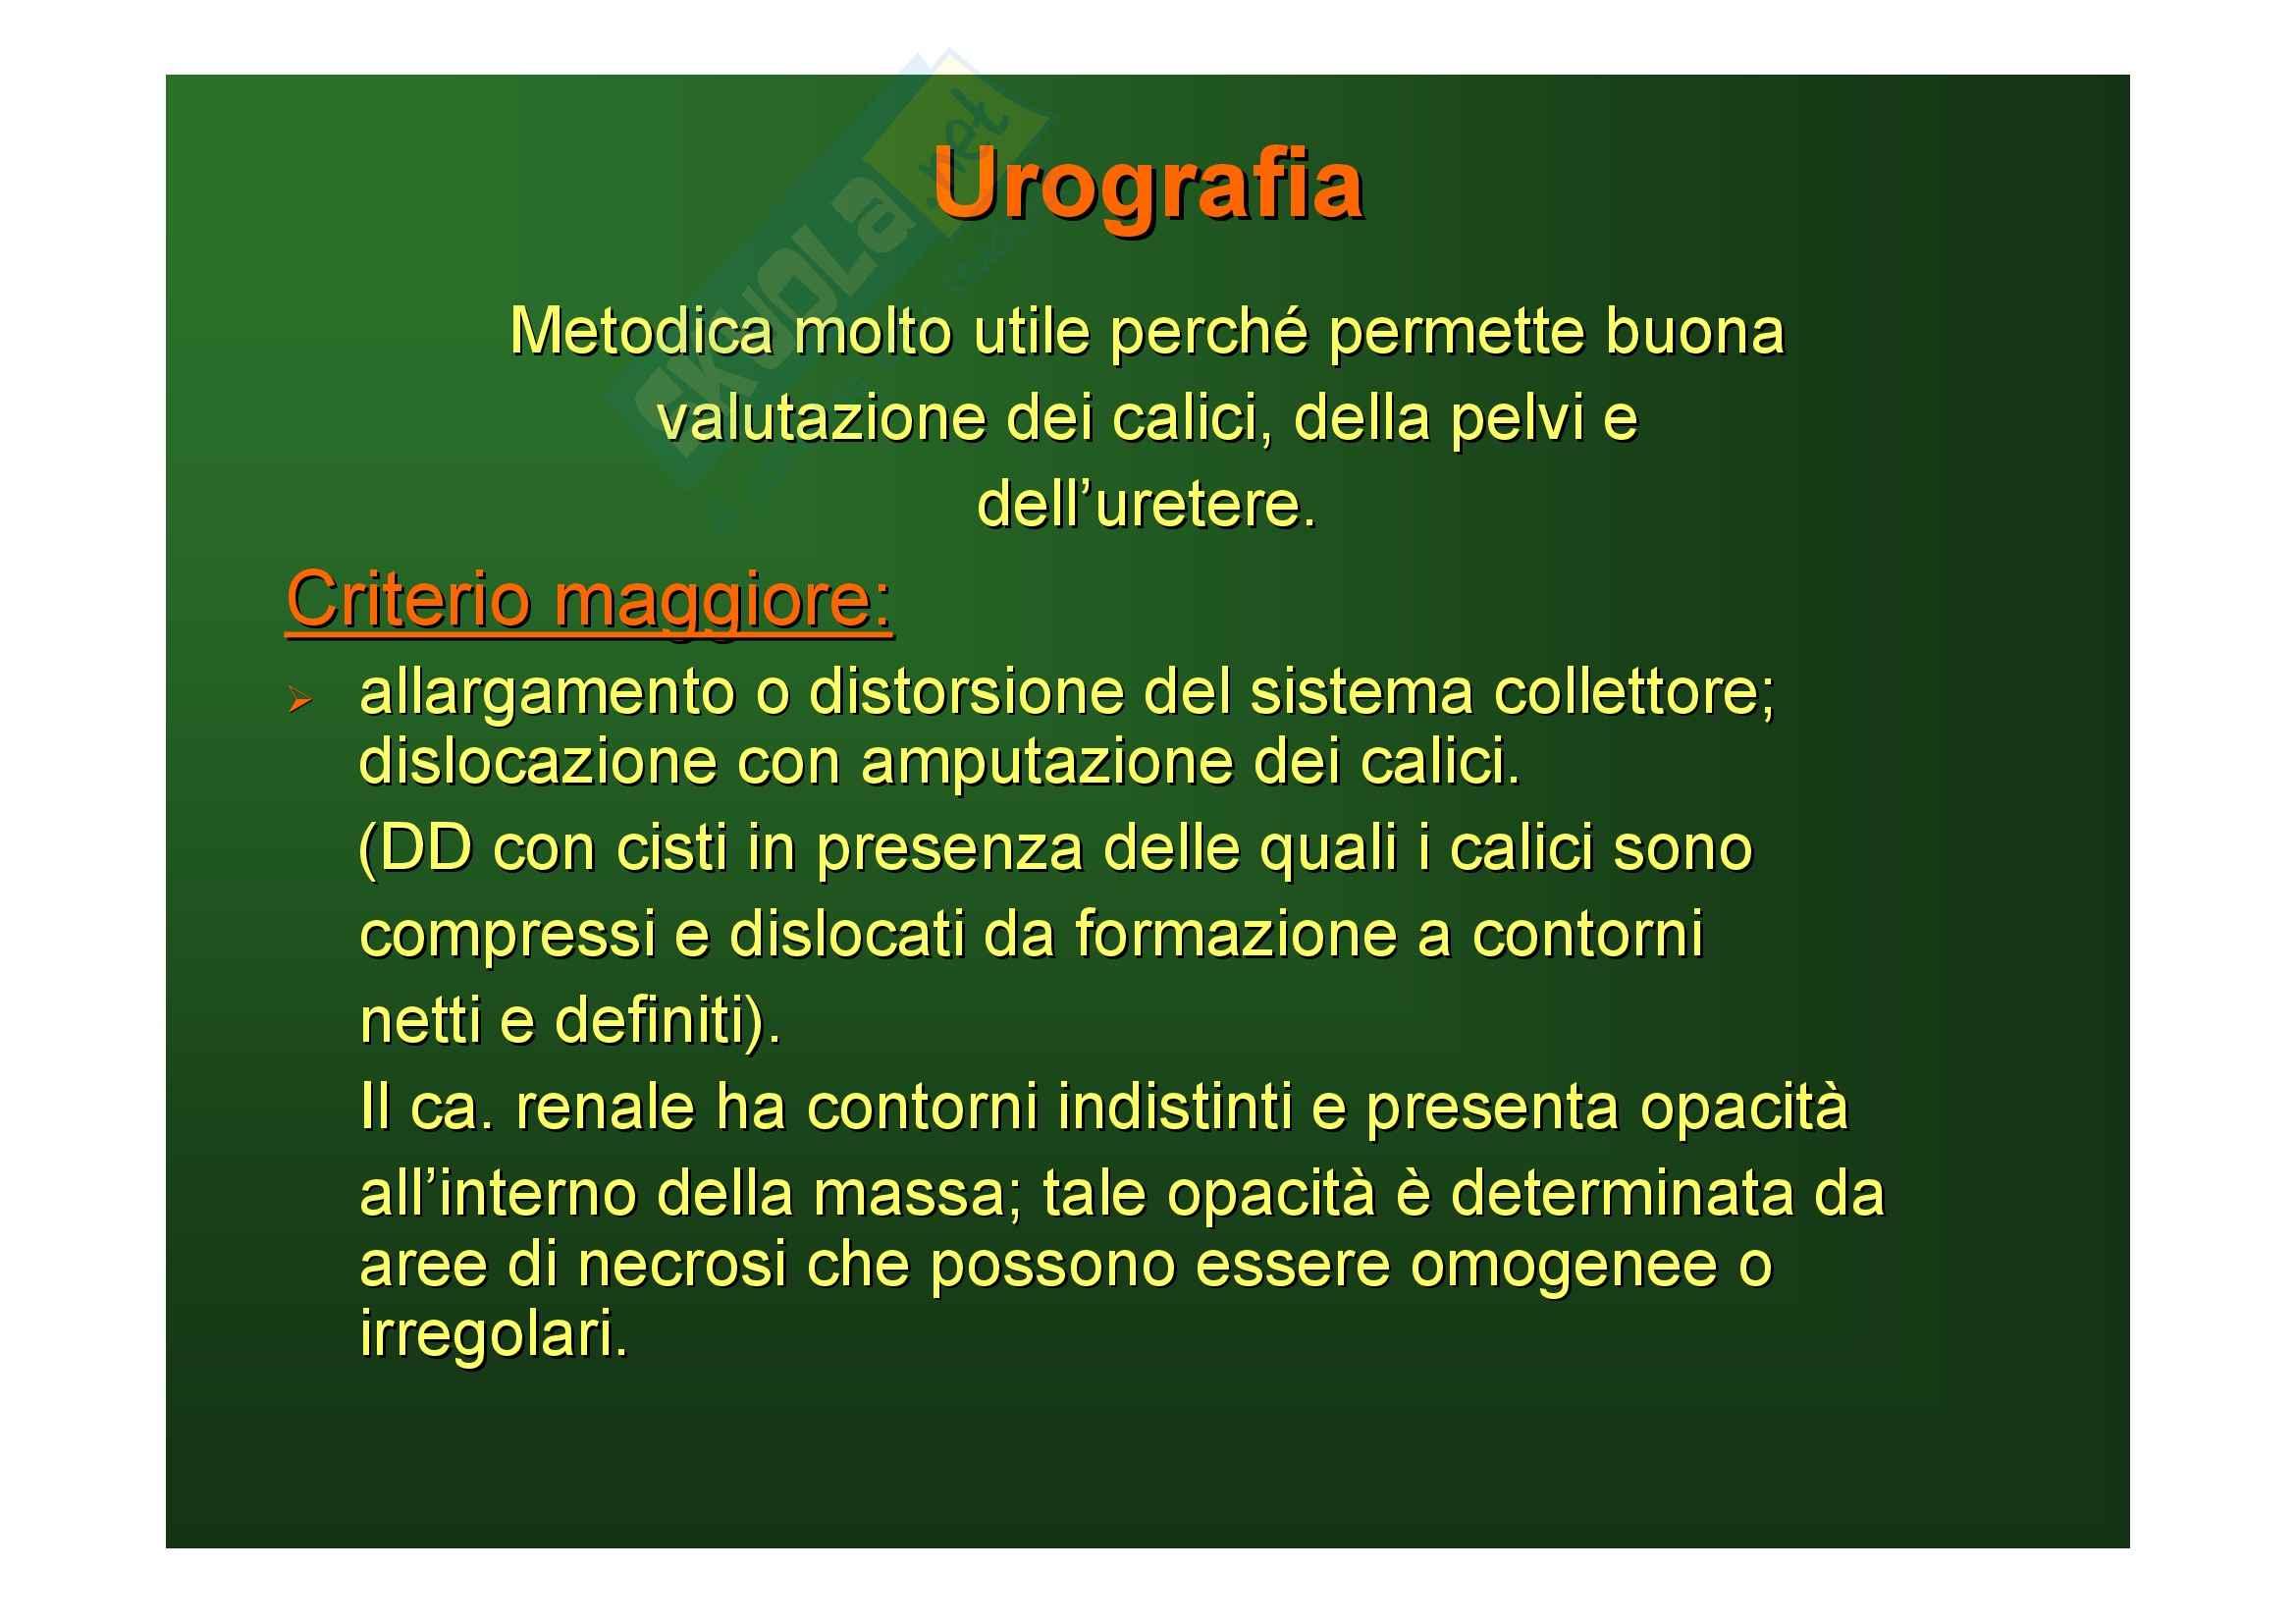 Malattie del rene e delle vie urinarie - tumori del rene Pag. 21